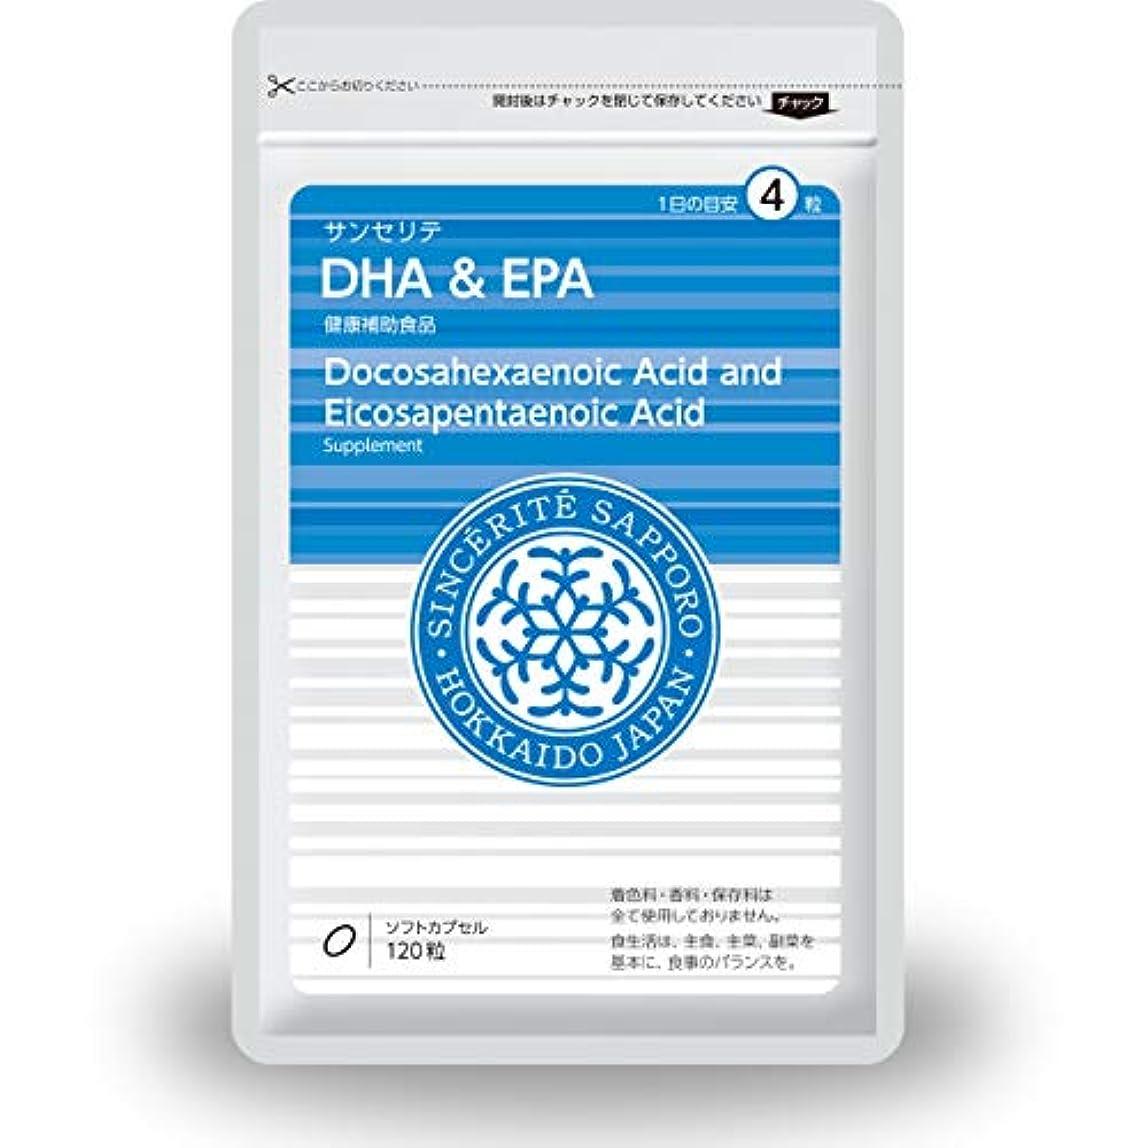 寺院つぶやきネズミDHA&EPA[送料無料][DHA]433mg配合[国内製造]しっかり★30日分